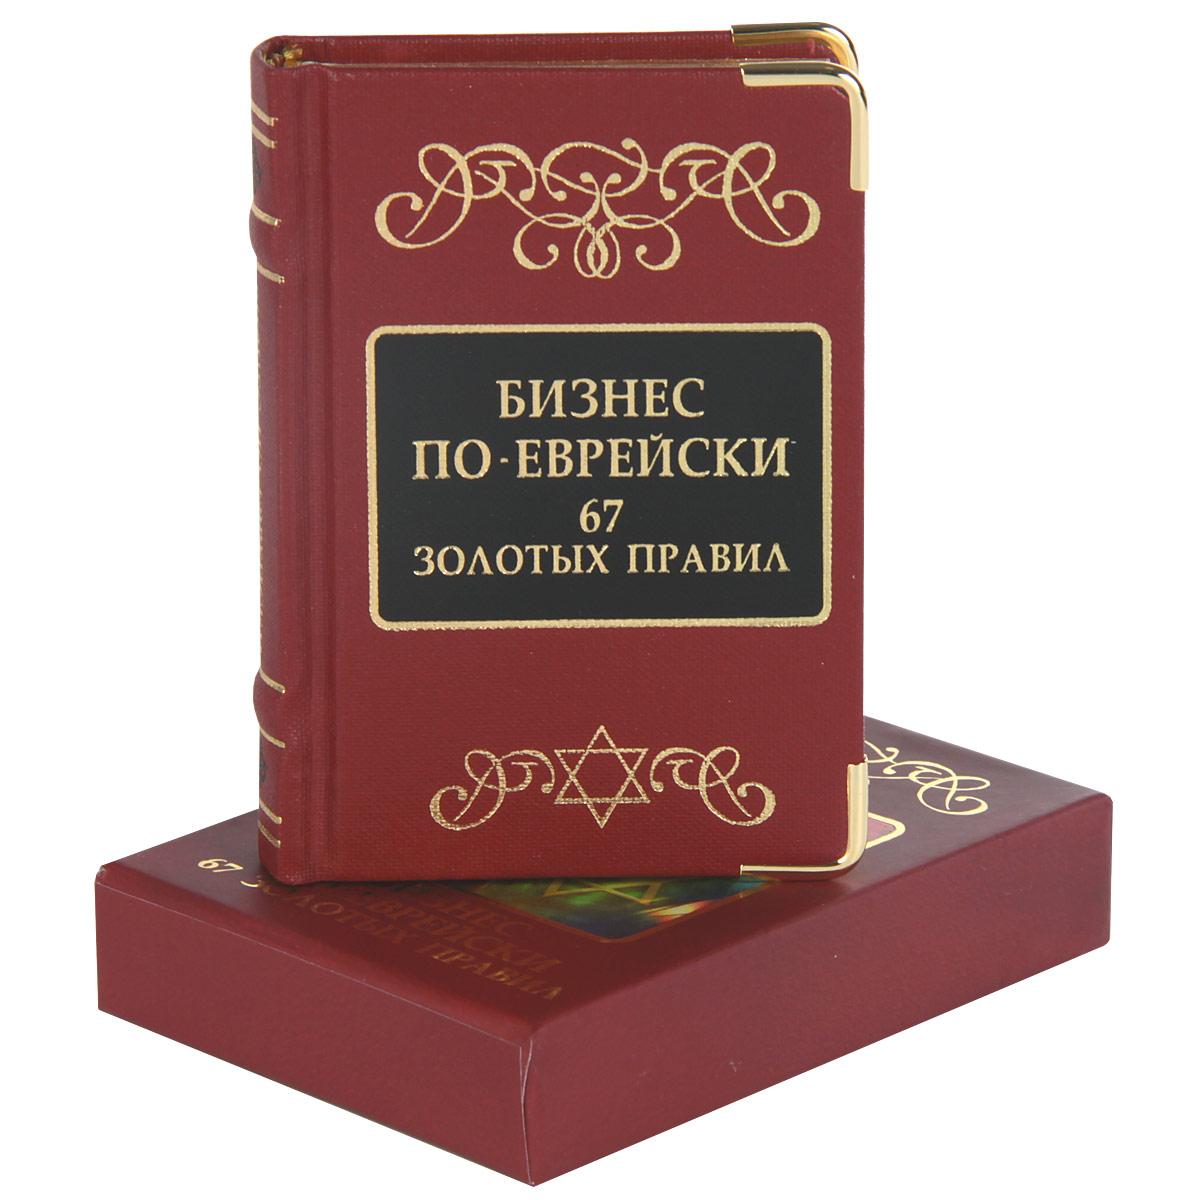 М. Л. Абрамович Бизнес по-еврейски. 67 золотых правил михаил абрамович бизнес по еврейски 67 золотых правил